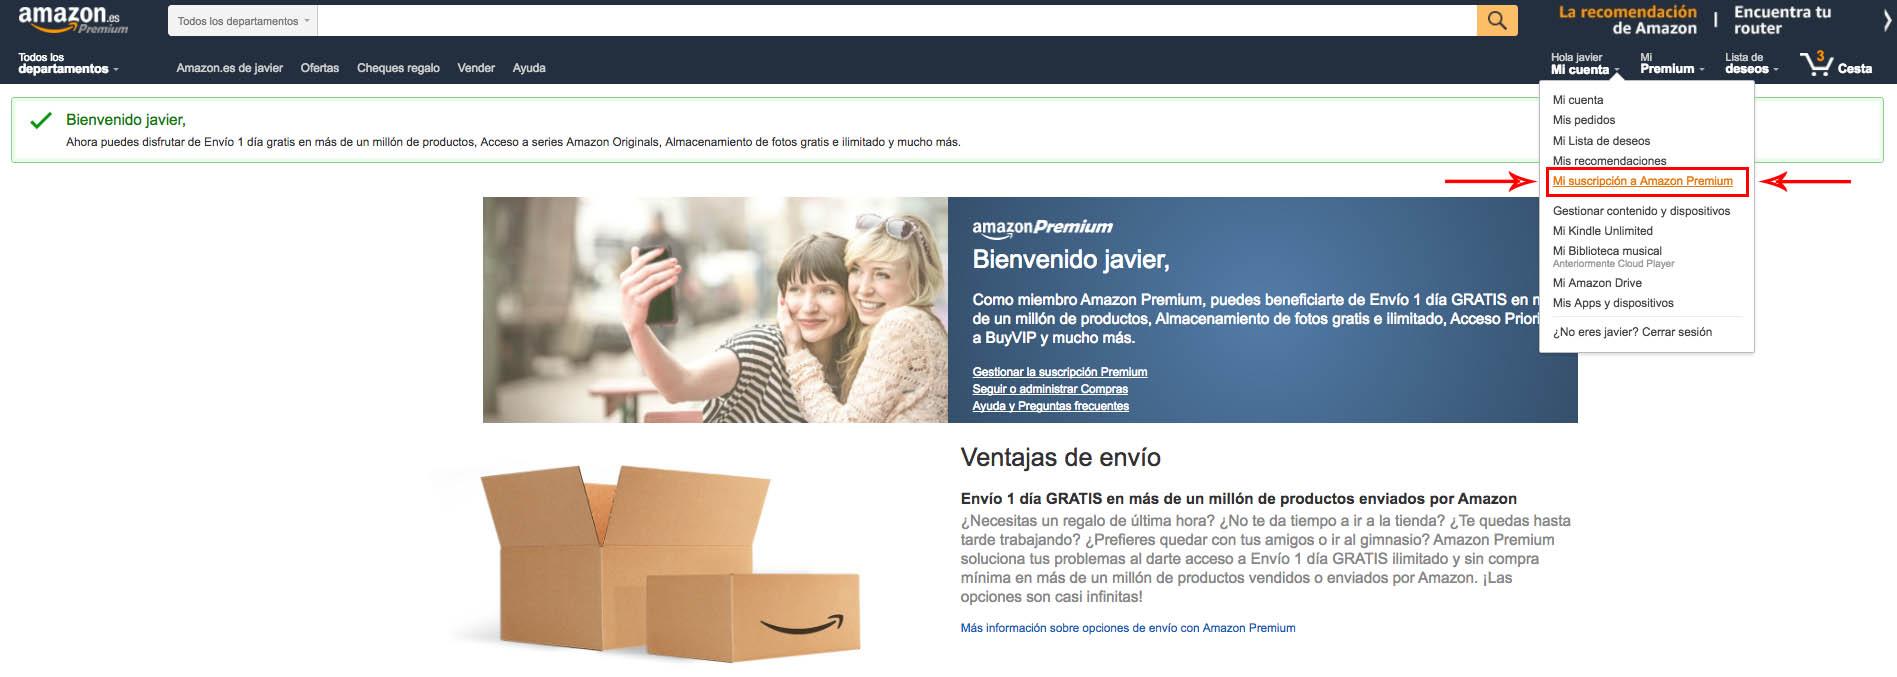 Amazon Premiun Cancelar